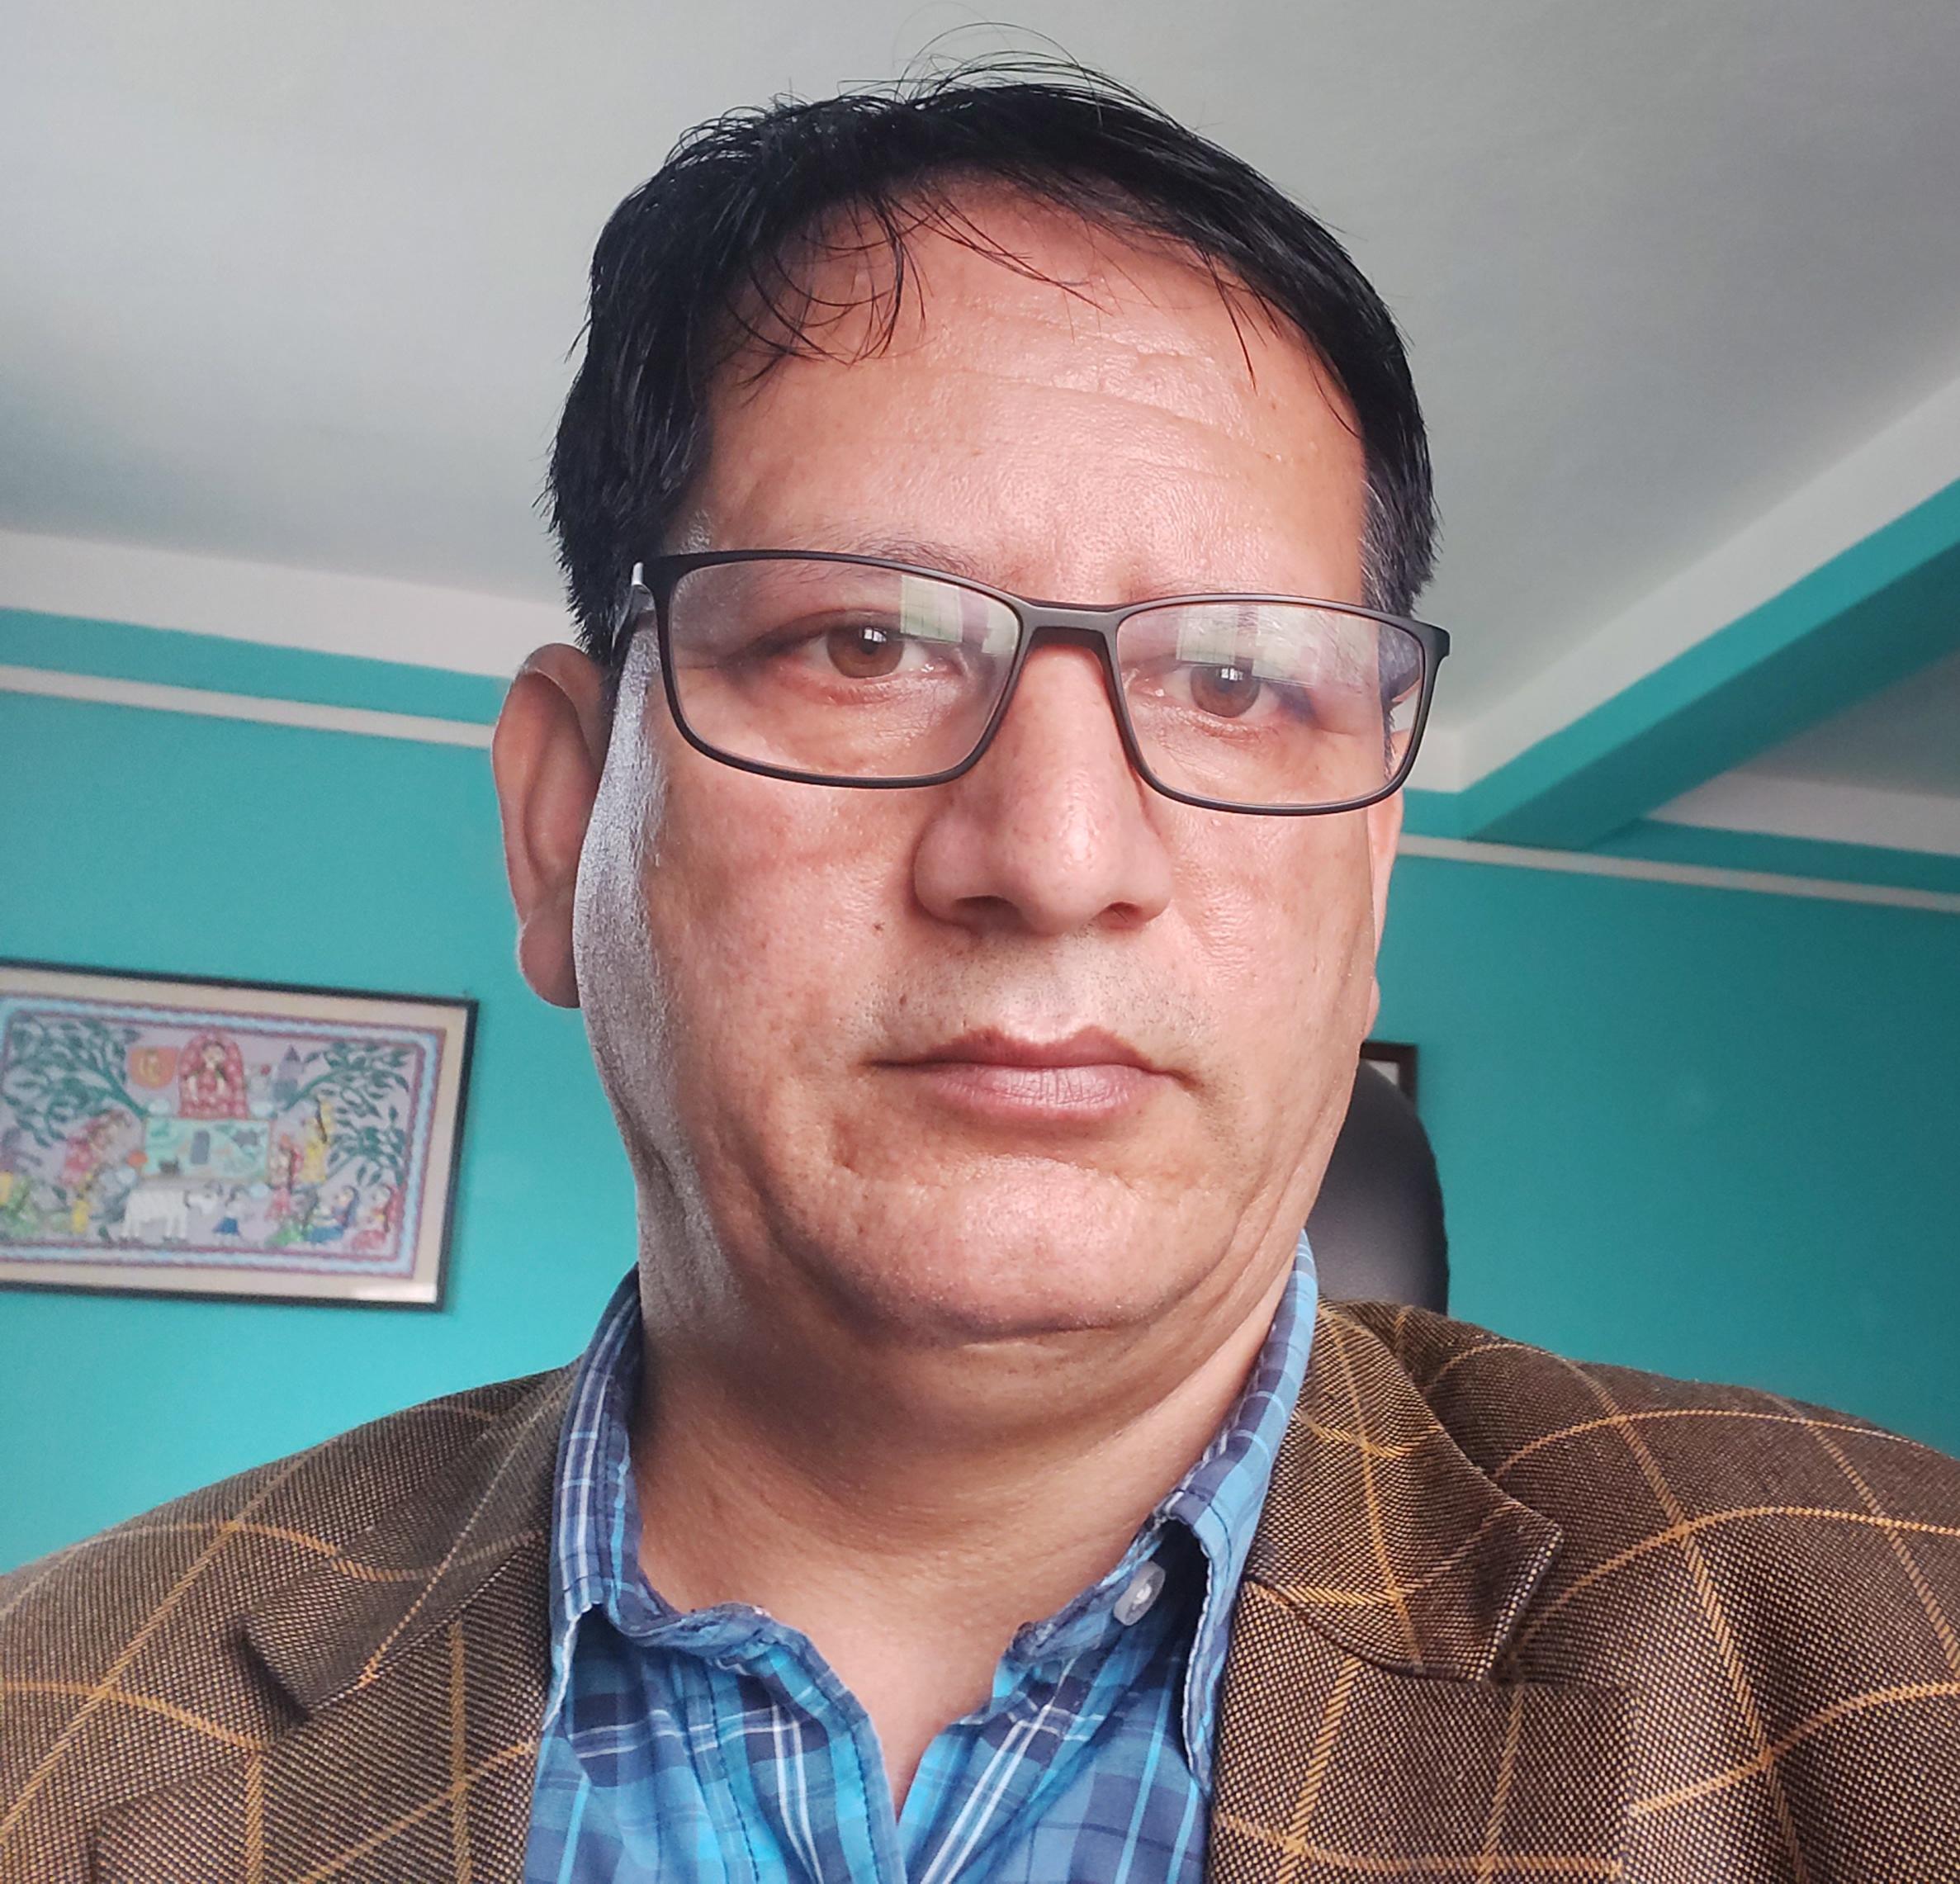 Mr. Ishwori Bahadur Adhikari